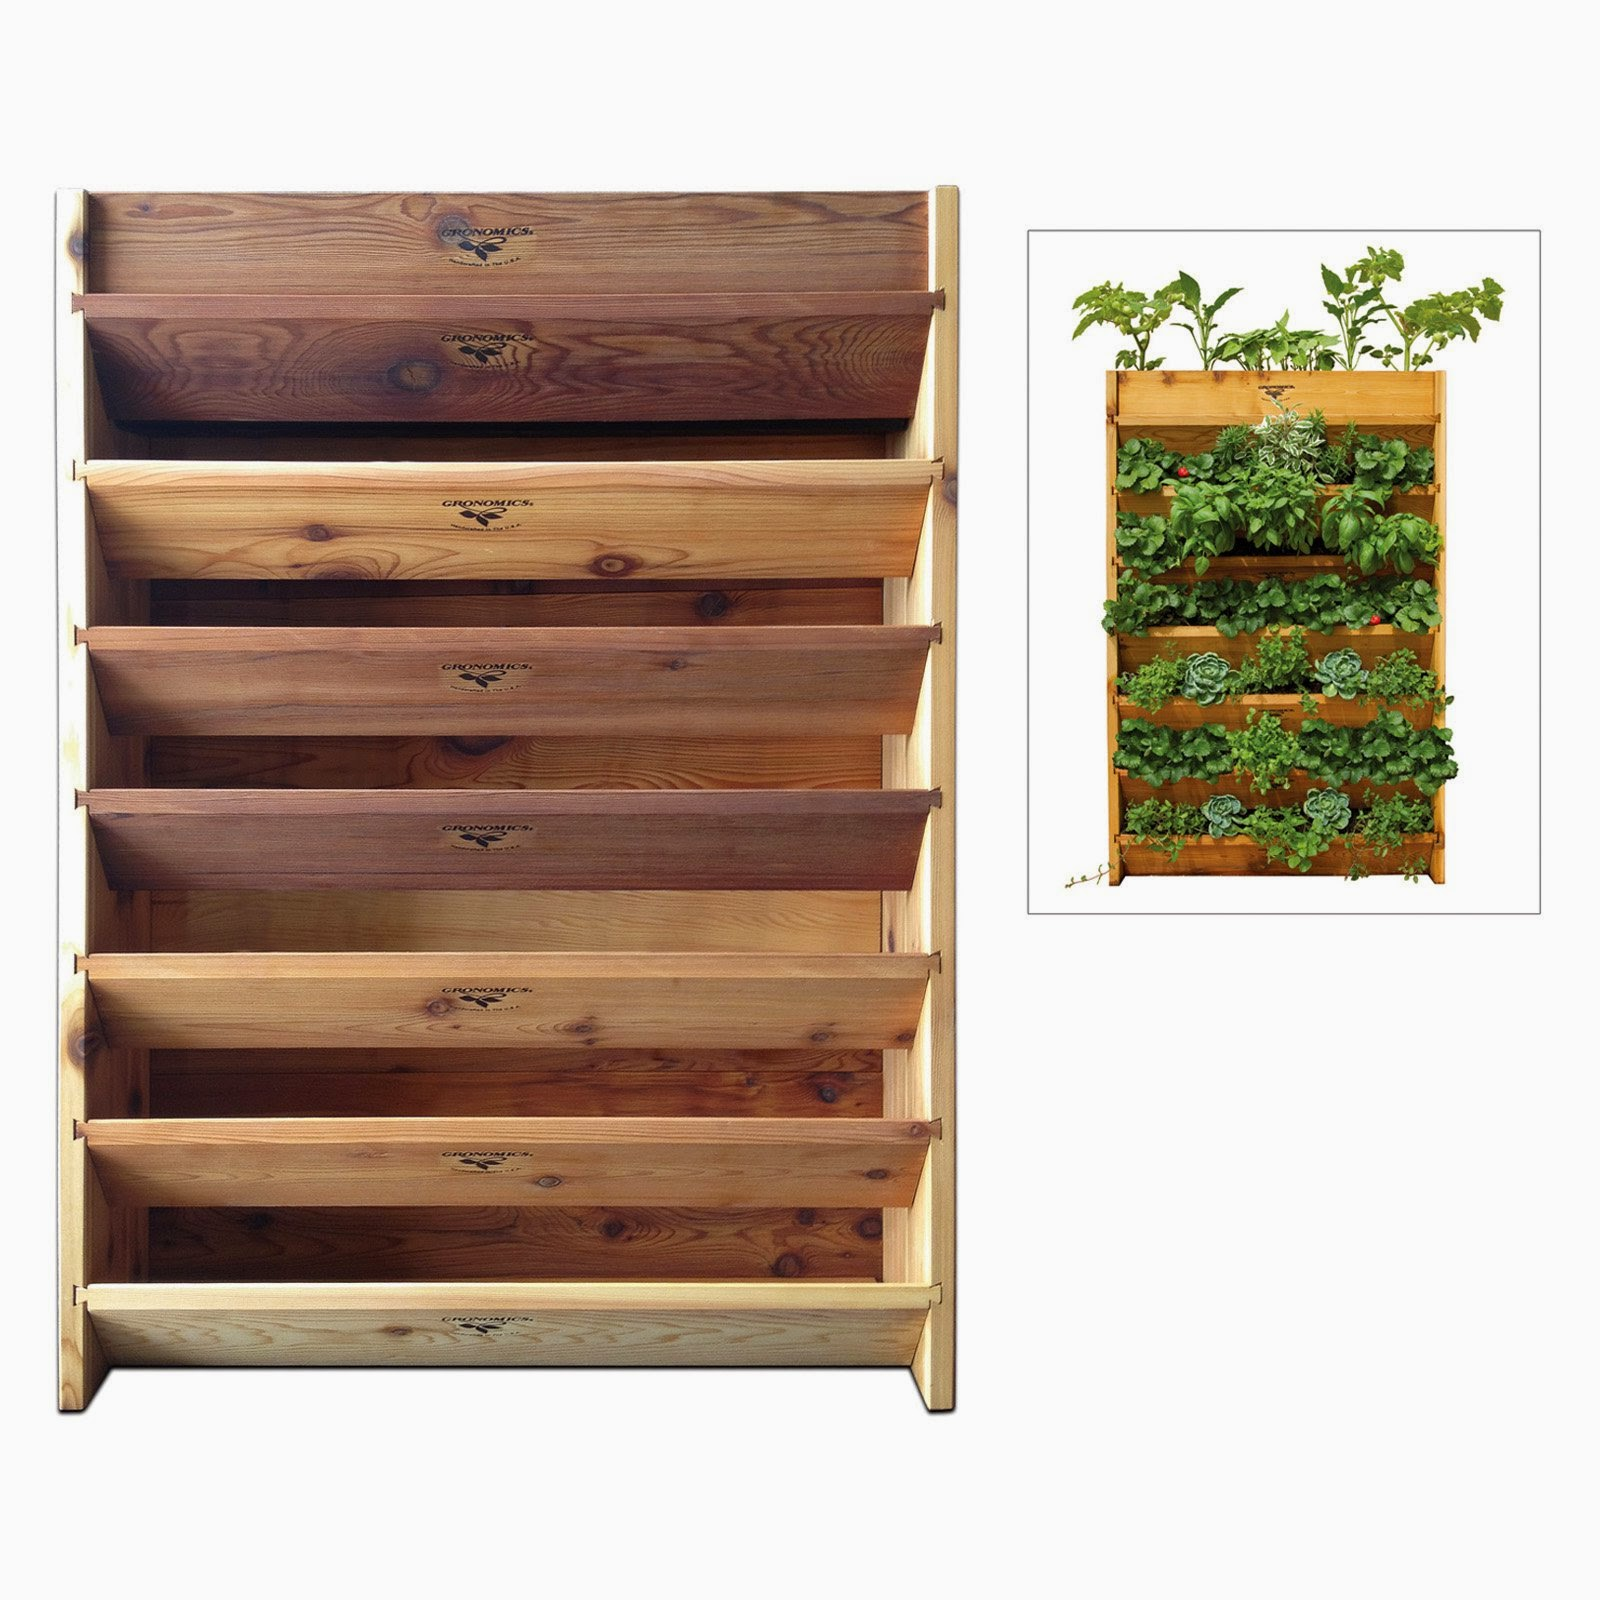 DIY Vintage Chic: DIY Vertical Herb Garden ~ Part 1